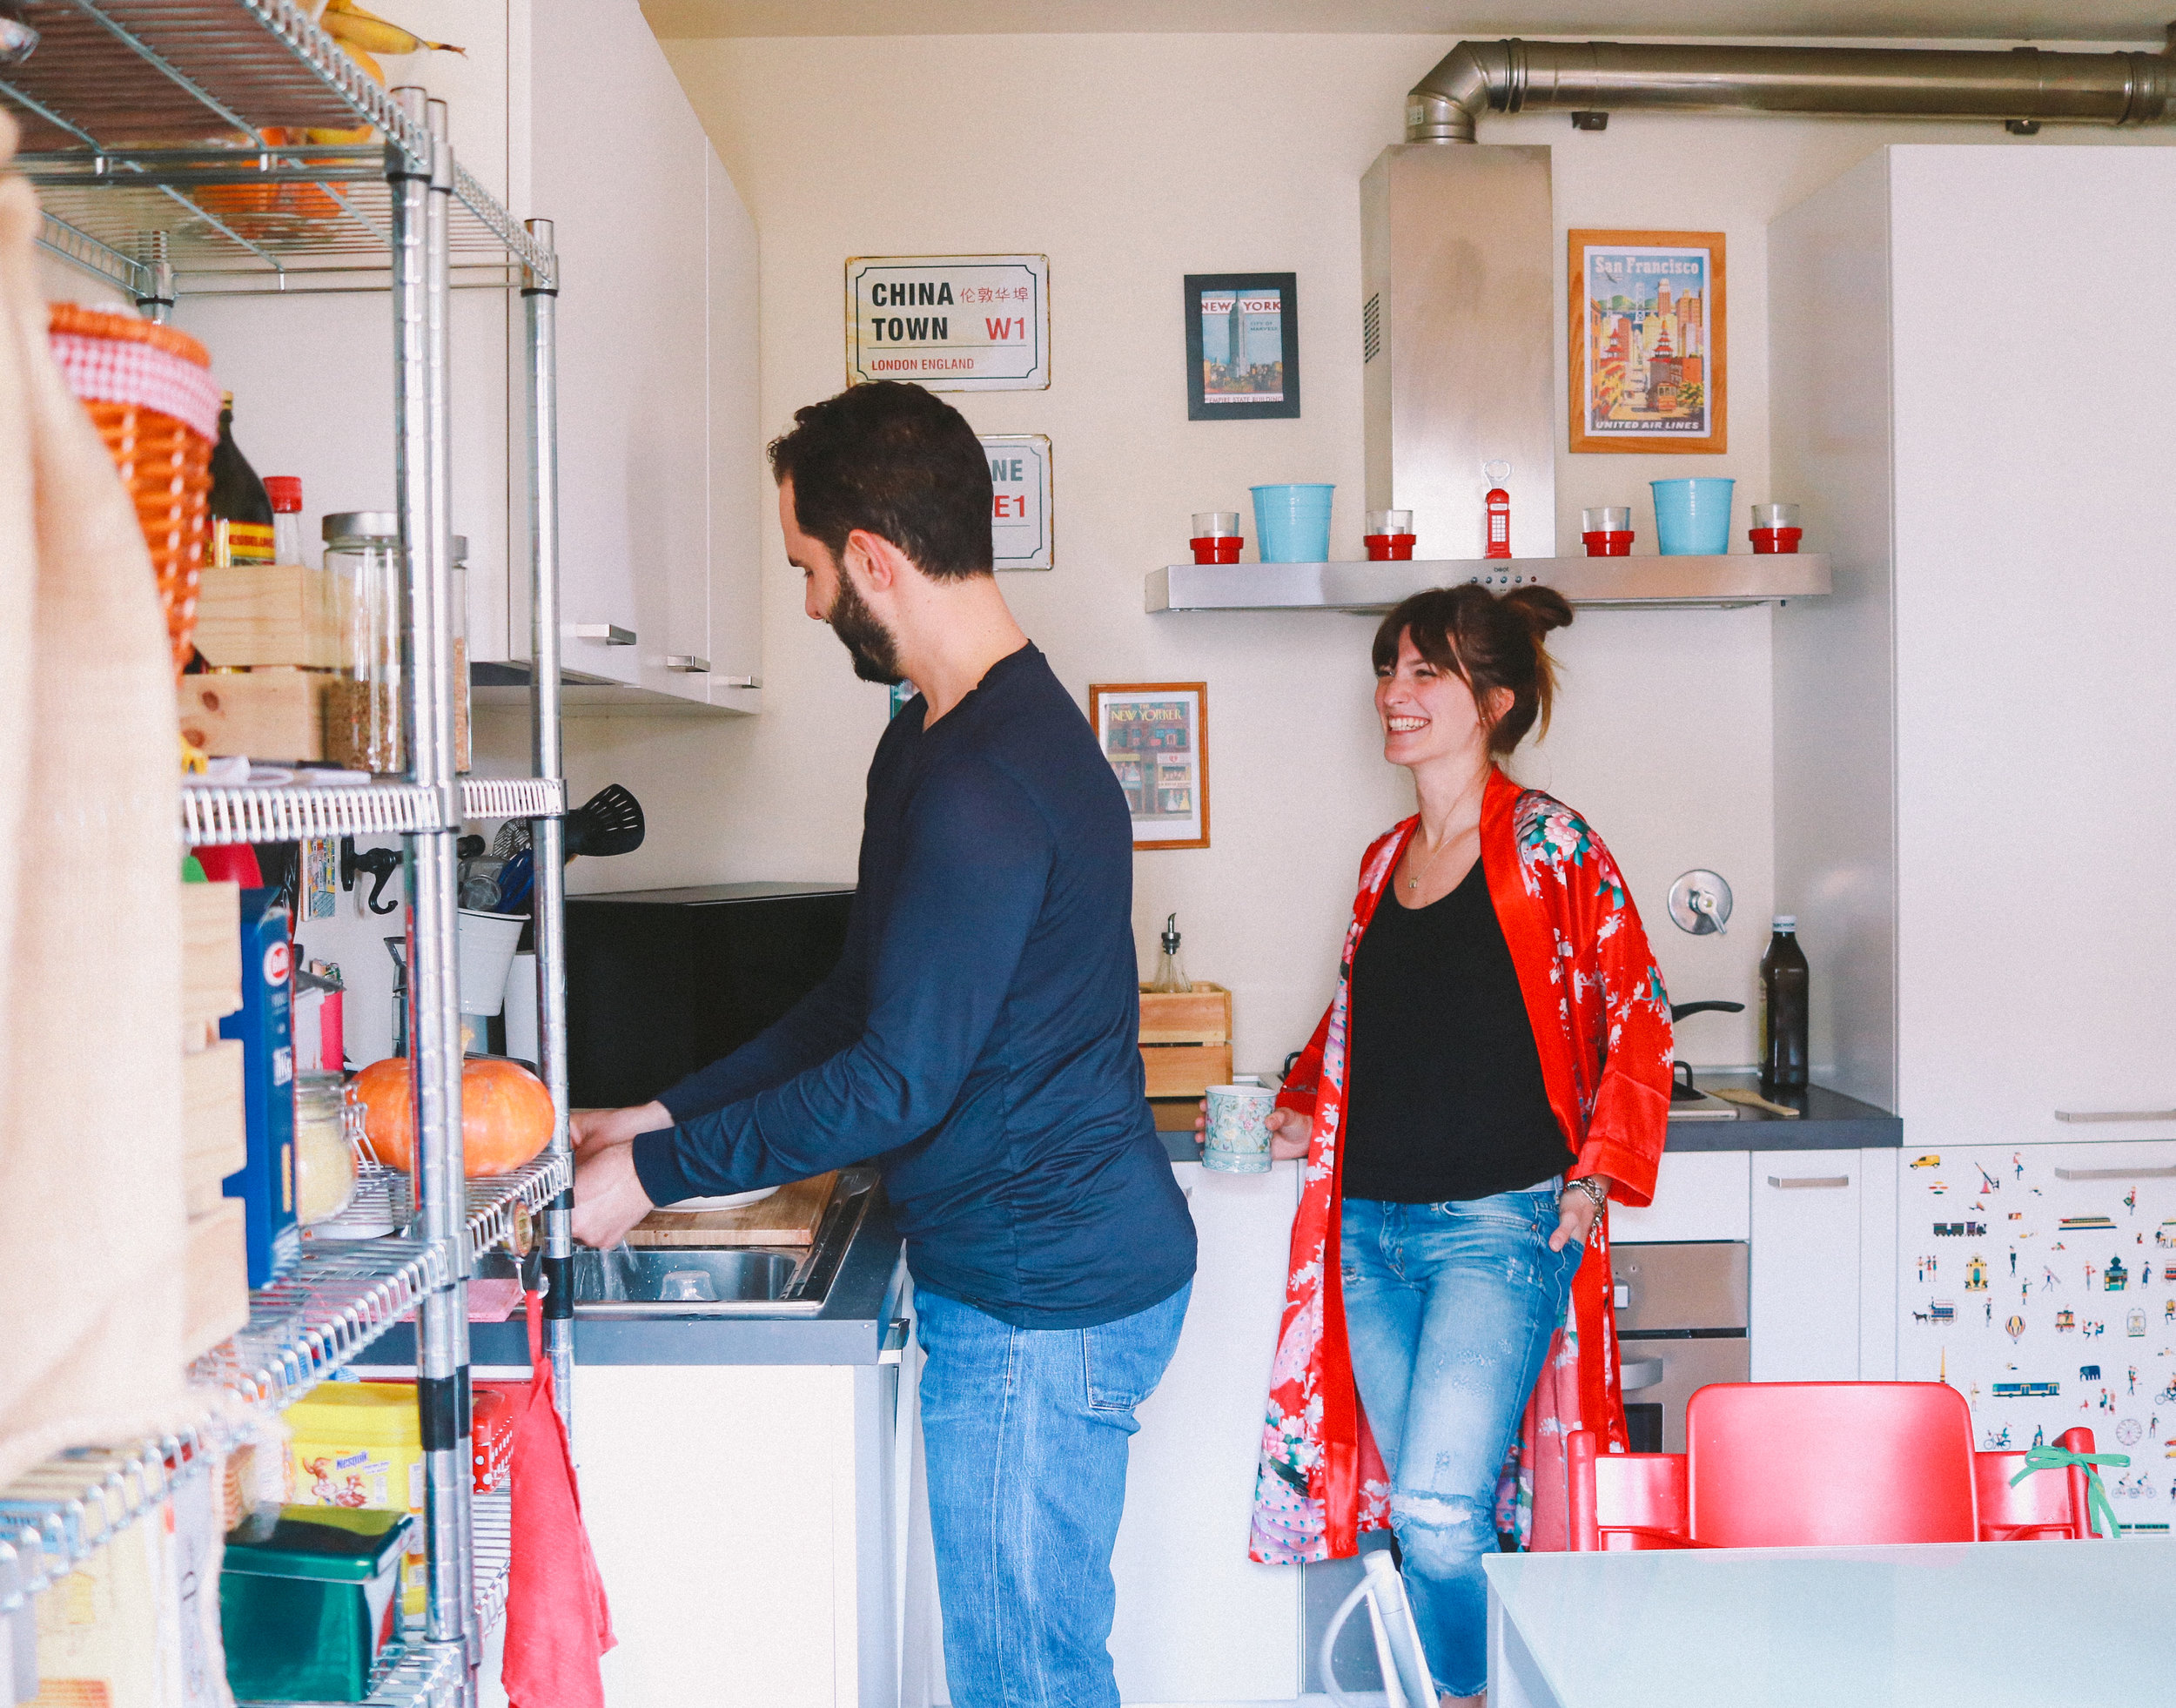 Coppia-Cucina-4.jpg